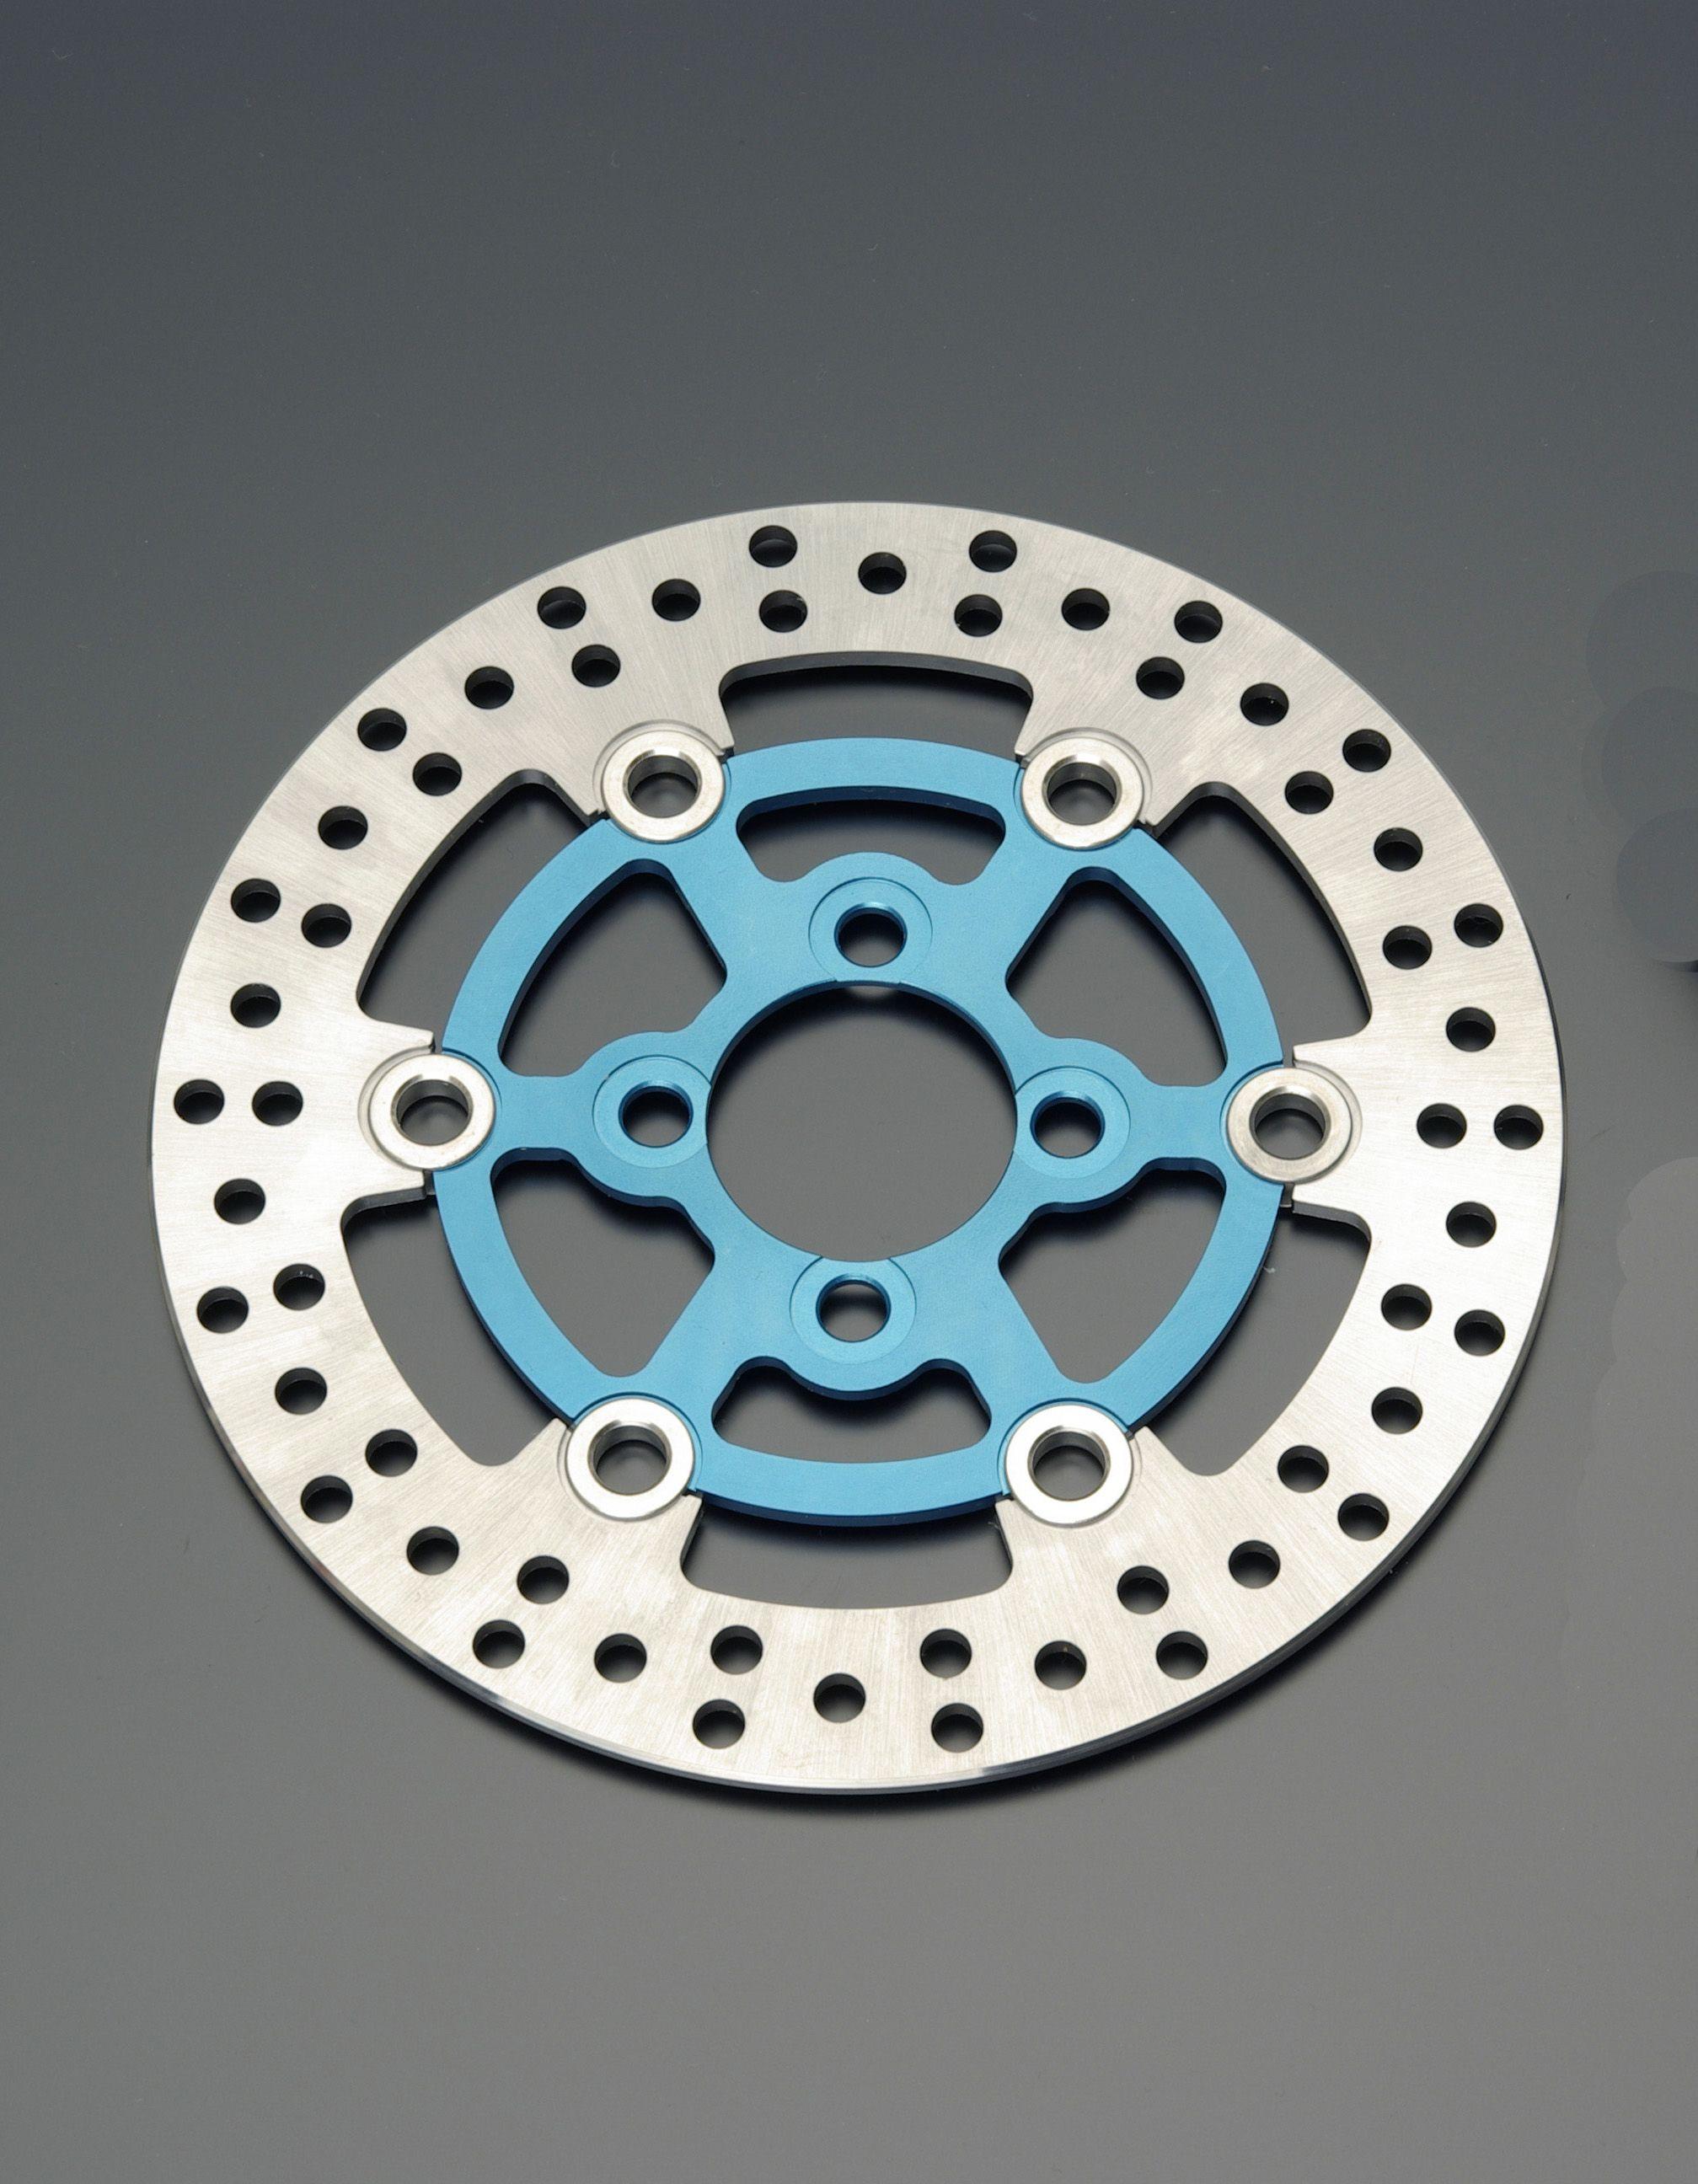 【GRONDEMENT】套件専用 前煞車碟盤 (藍色) - 「Webike-摩托百貨」